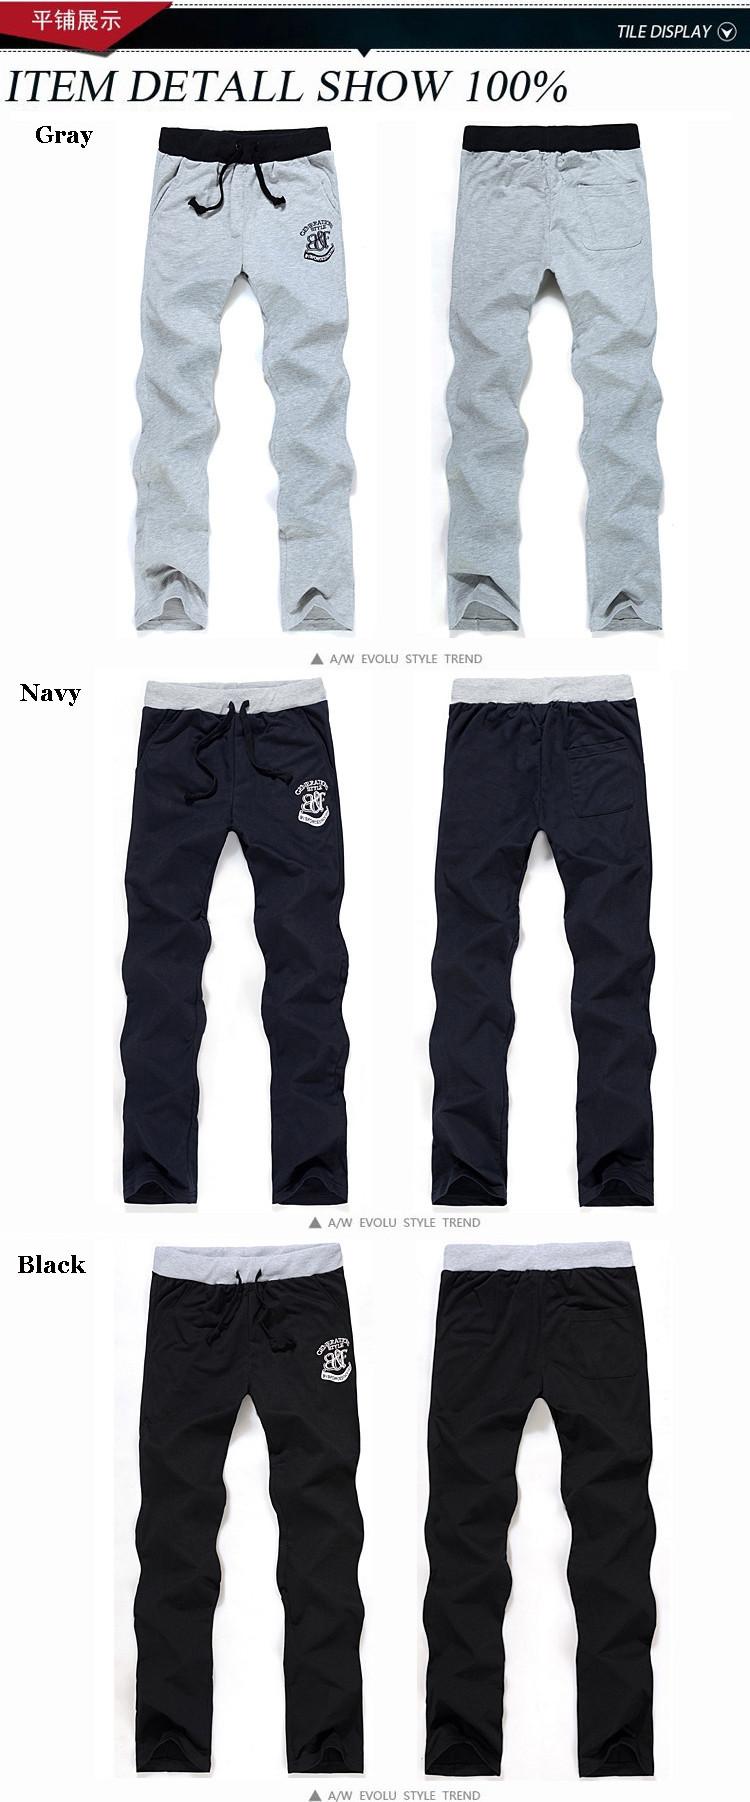 мужской спортивный Харуна штаны прямо тренировочные брюки хлопок тонкий шнурок брюки повседневные брюки женские брюки